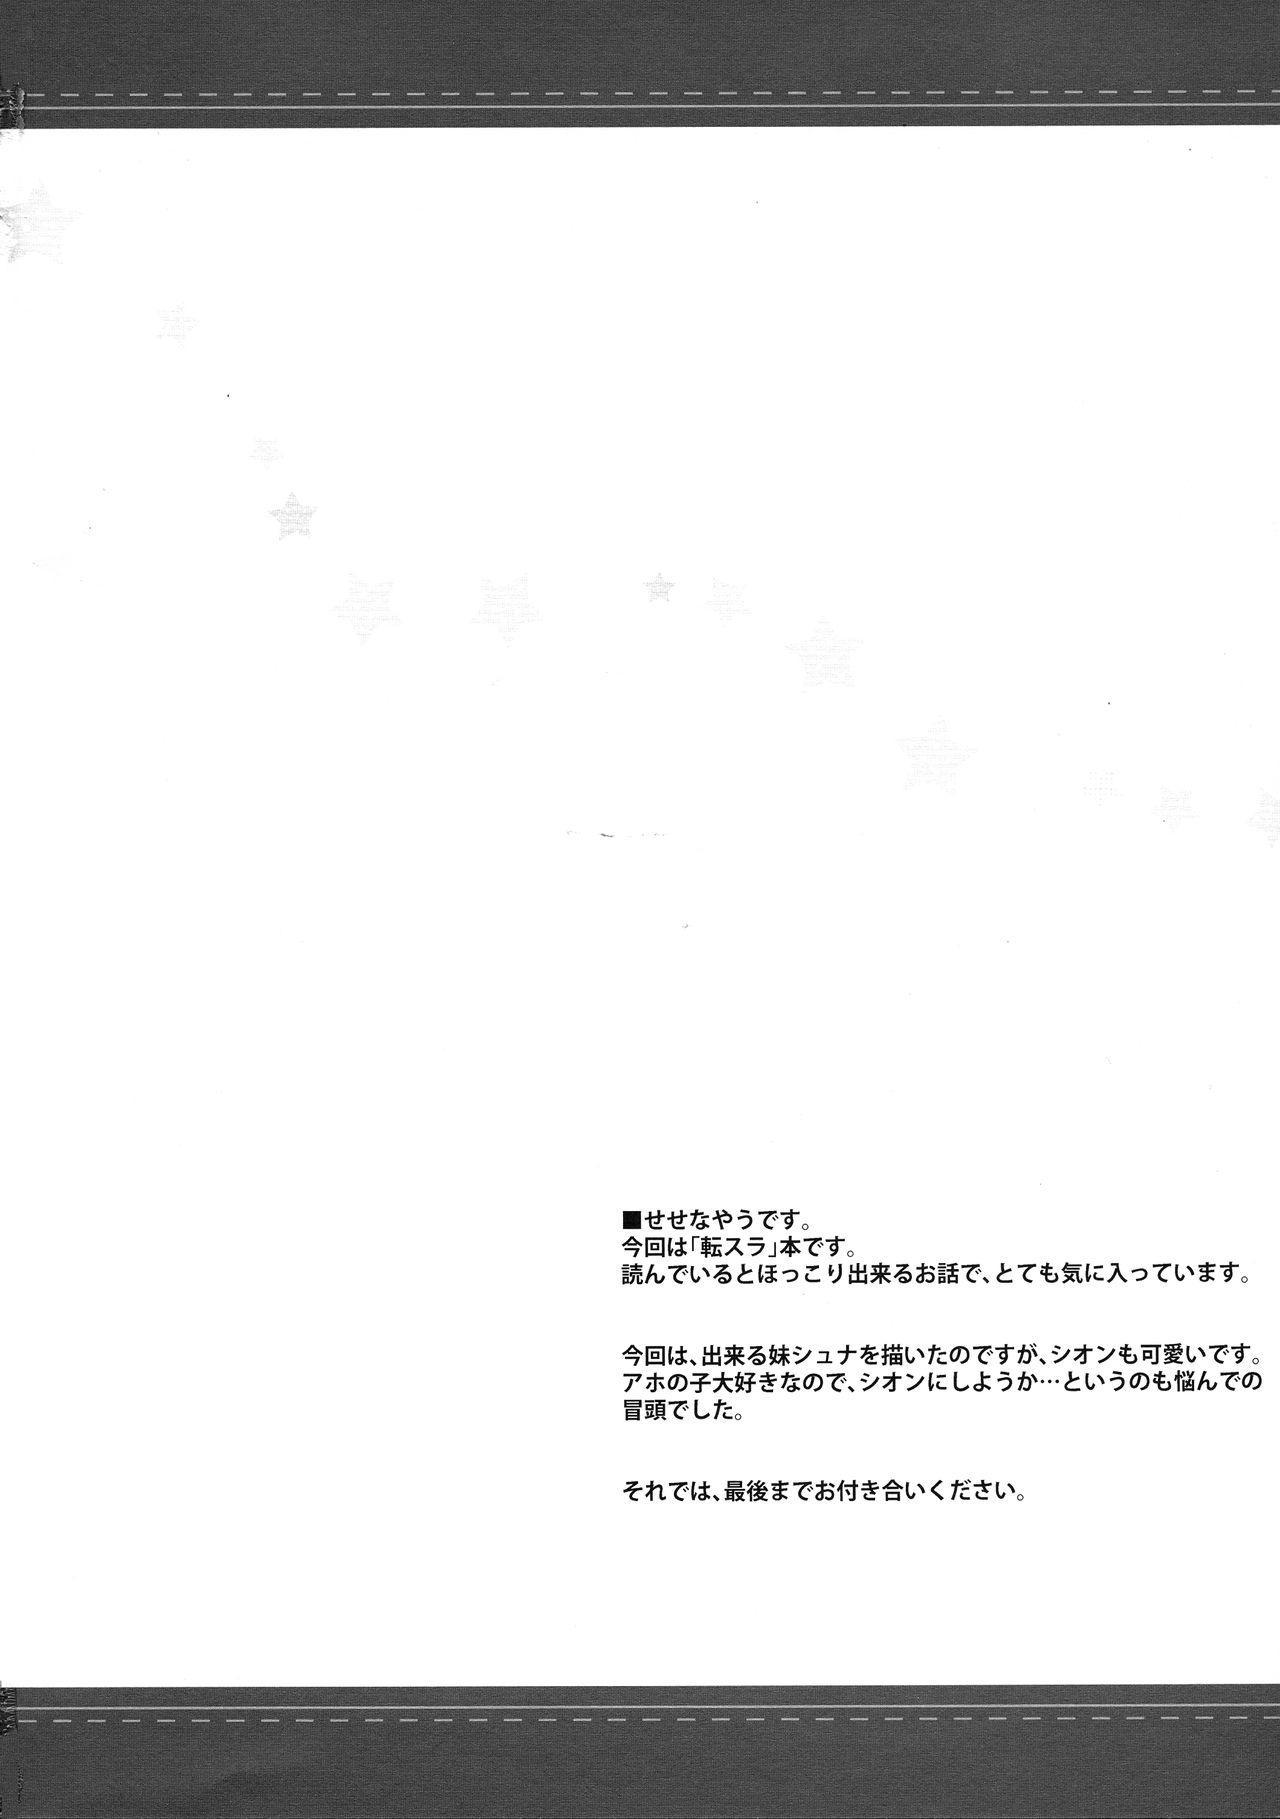 Shiyuna wa Rimuru-sama no Kodomo ga Hoshi no desu! 2